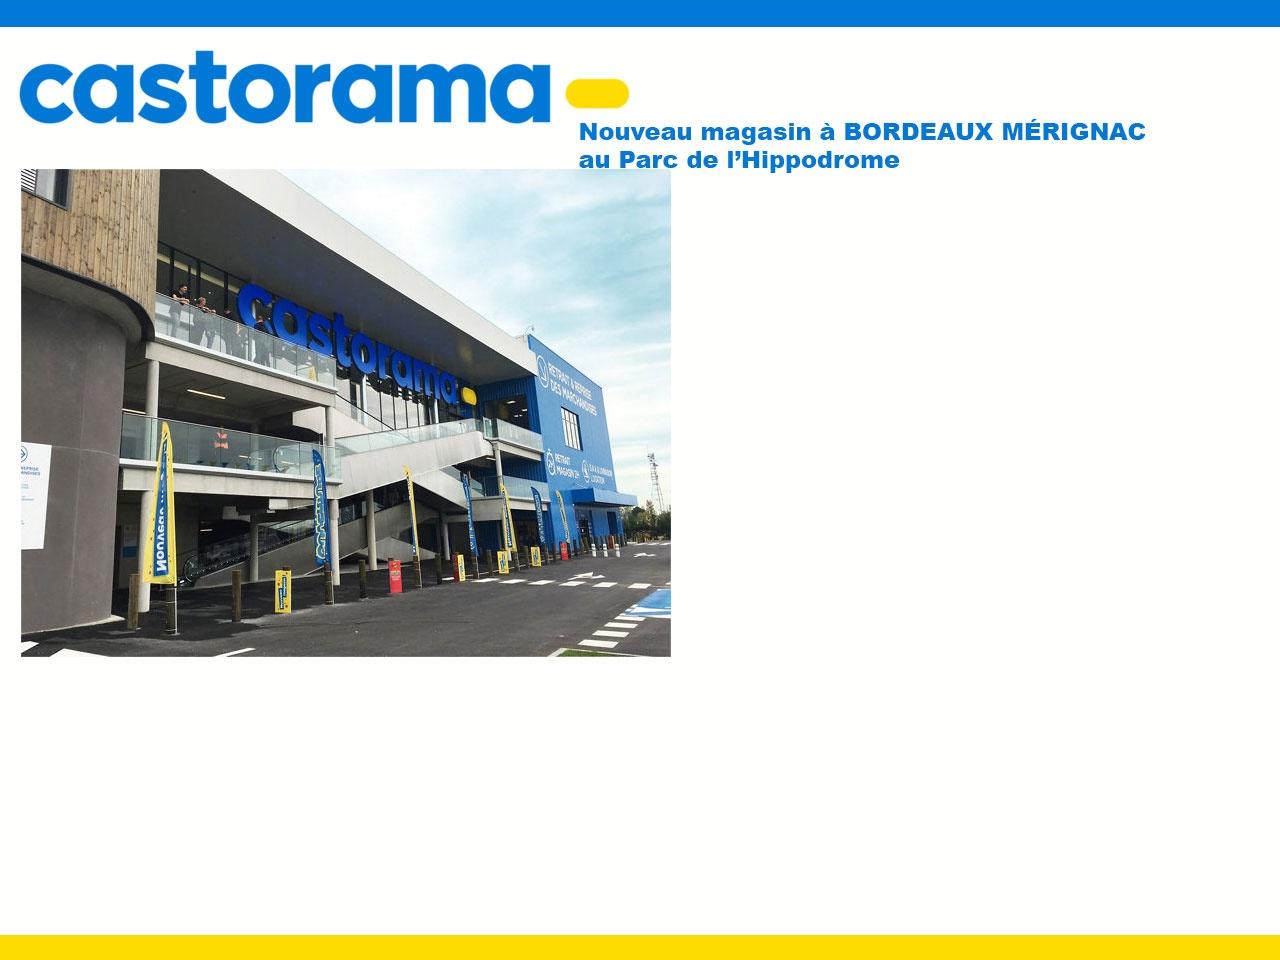 article 7935 article 1 le magasin castorama de bordeaux merignac a demenage pour mieux se reconstr